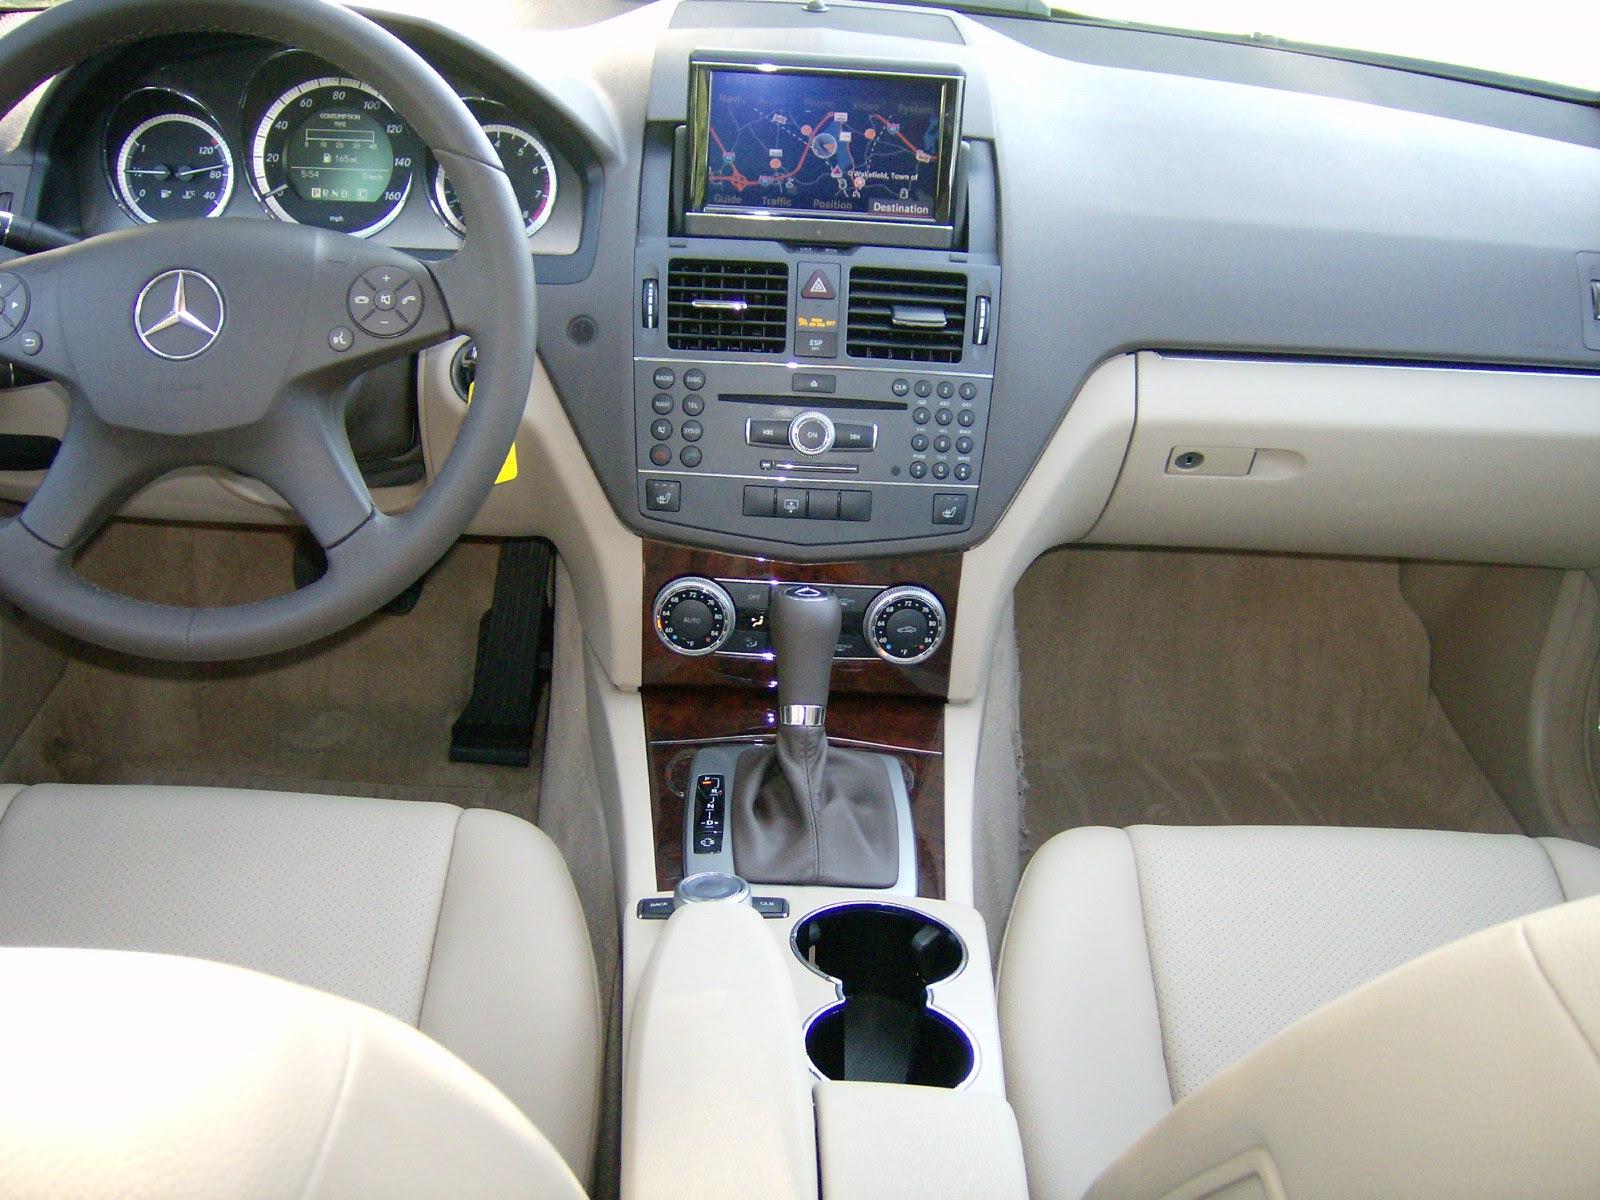 2010 Mercedes-Benz C-Class - Pictures - CarGurus